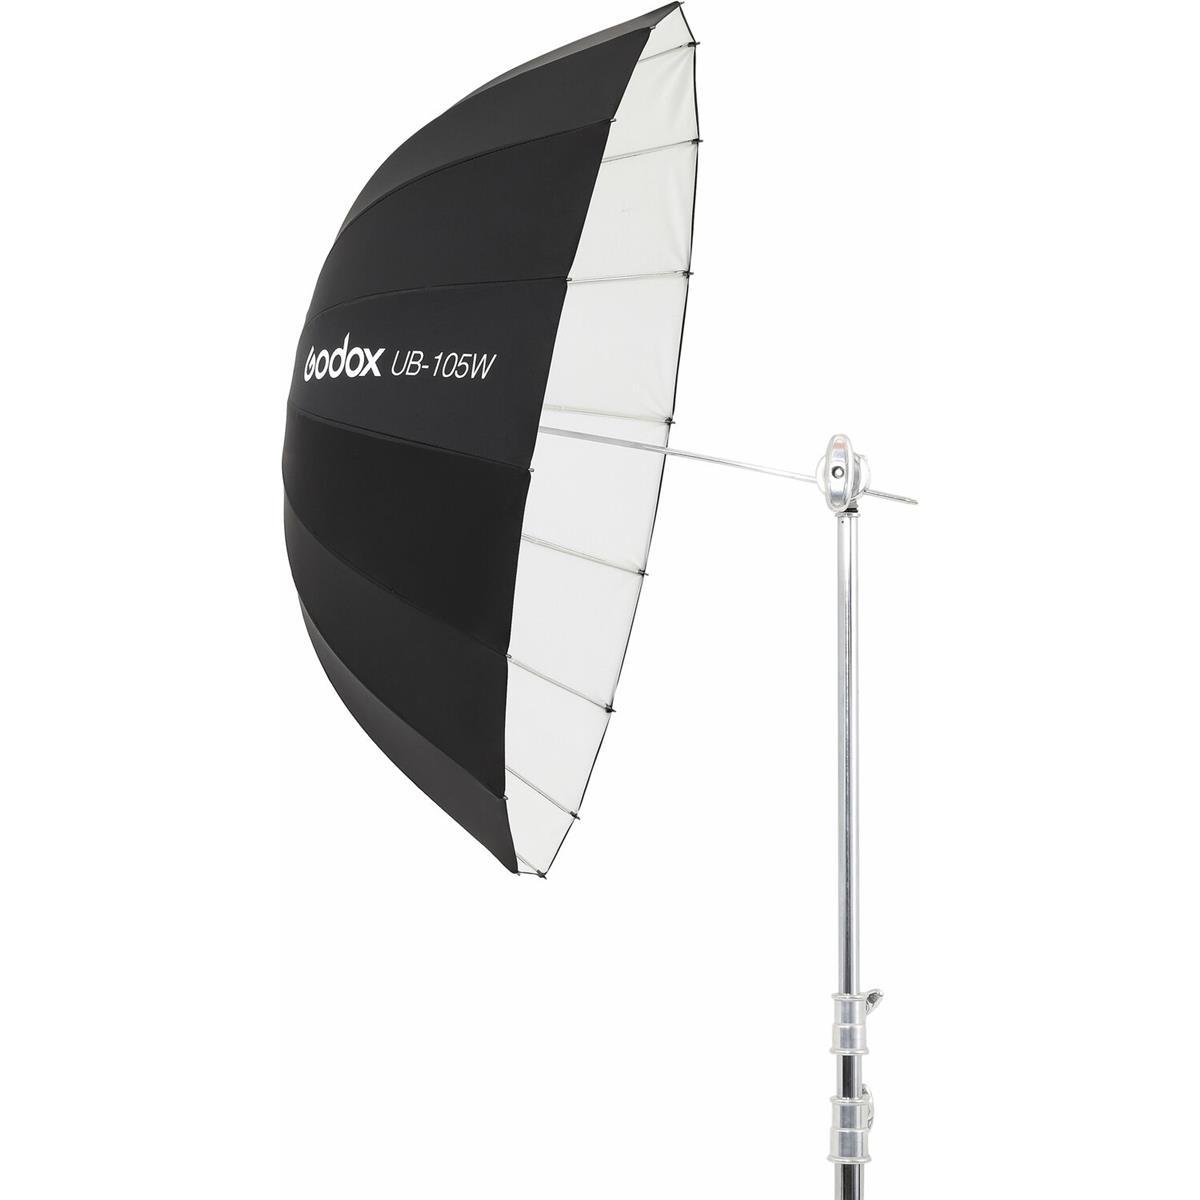 Godox 105 cm Parabolschirm Schwarz / Weiß UB-105W